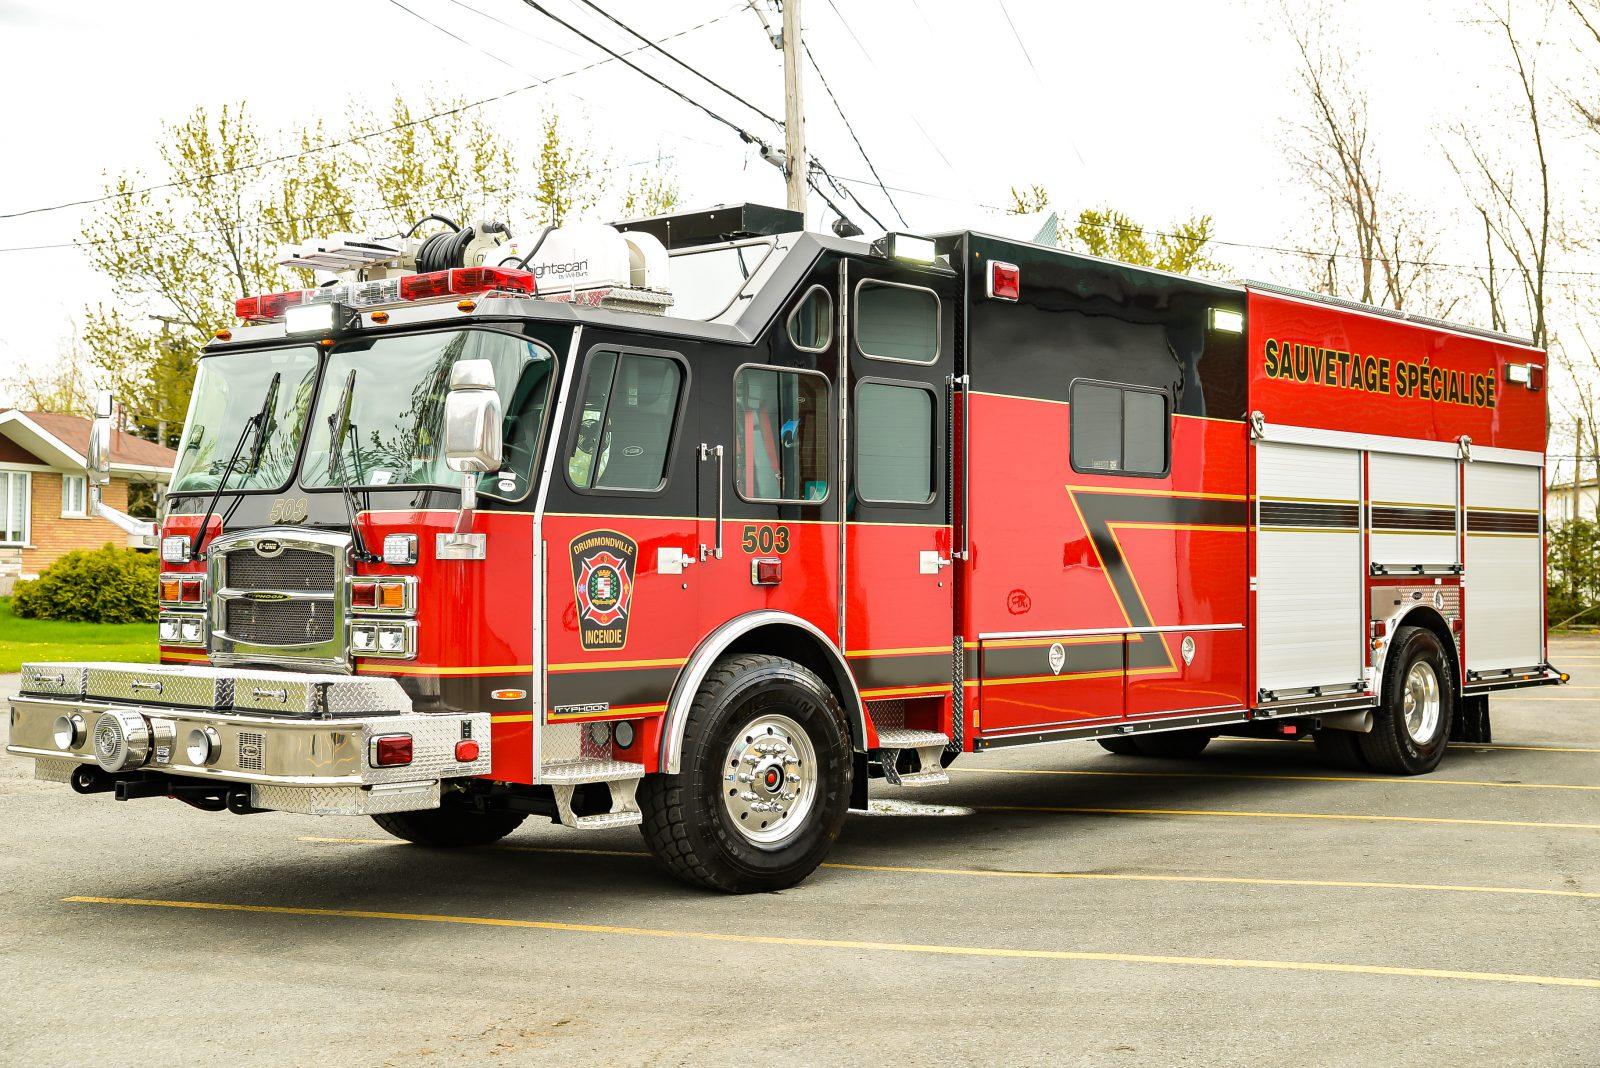 Un tout nouveau camion pour le Service de sécurité incendie et sécurité civile